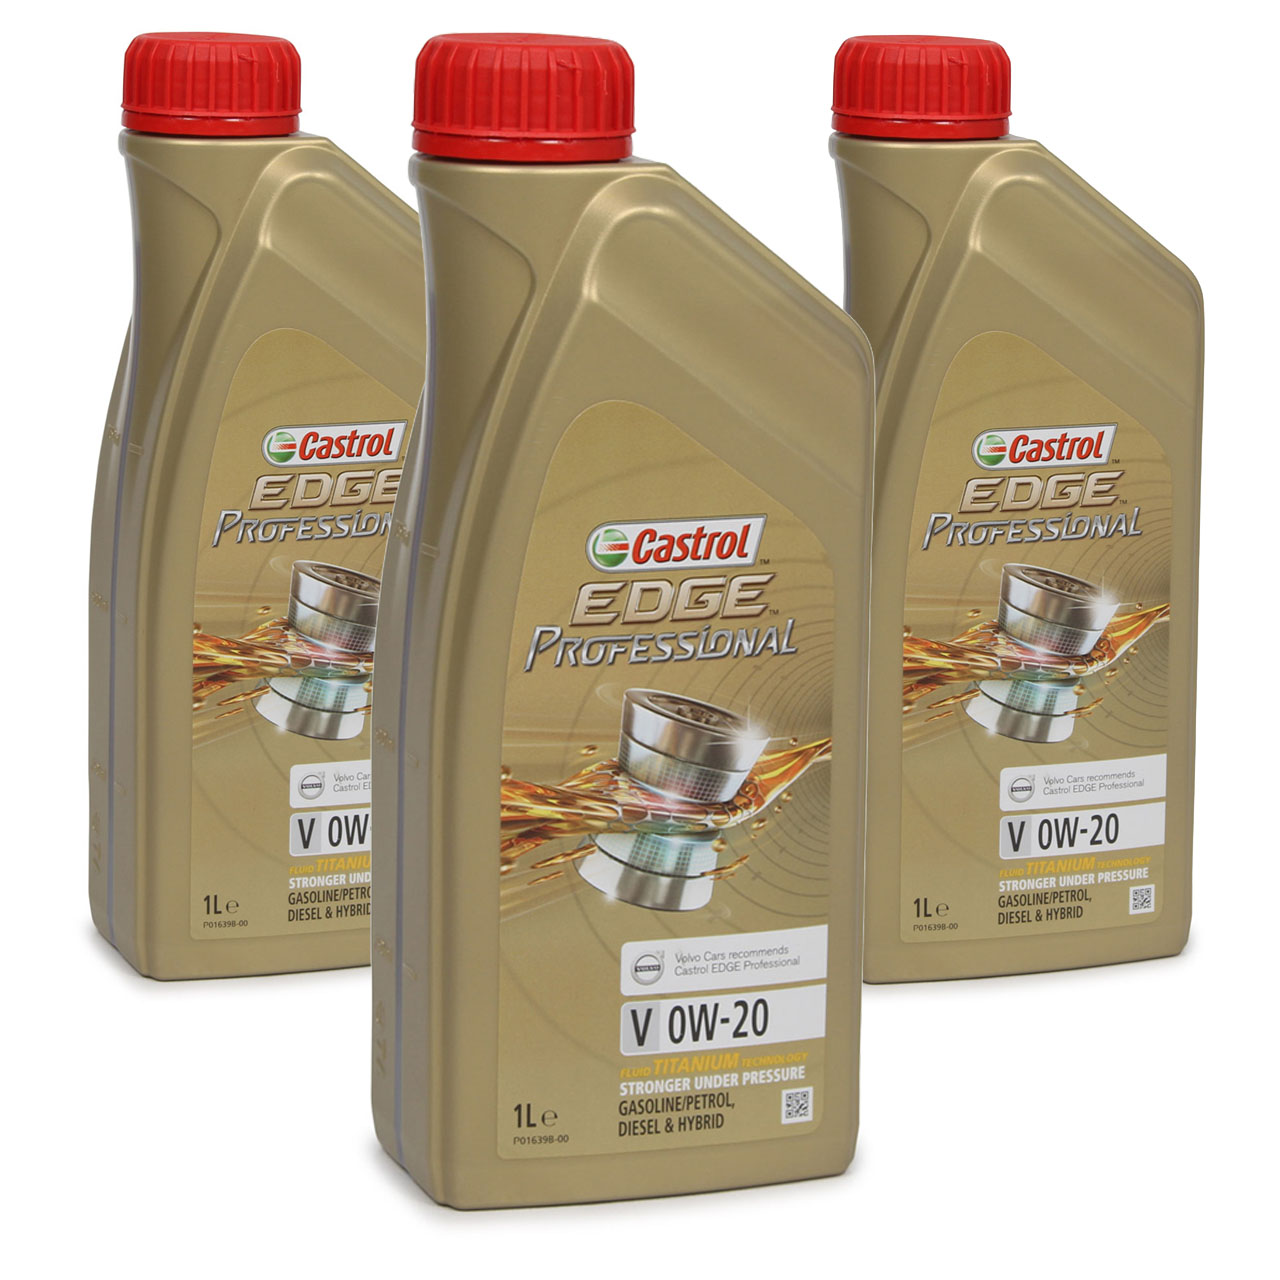 CASTROL EDGE Professional Motoröl ÖL TITANIUM FST V 0W20 C5 für VOLVO - 3 Liter